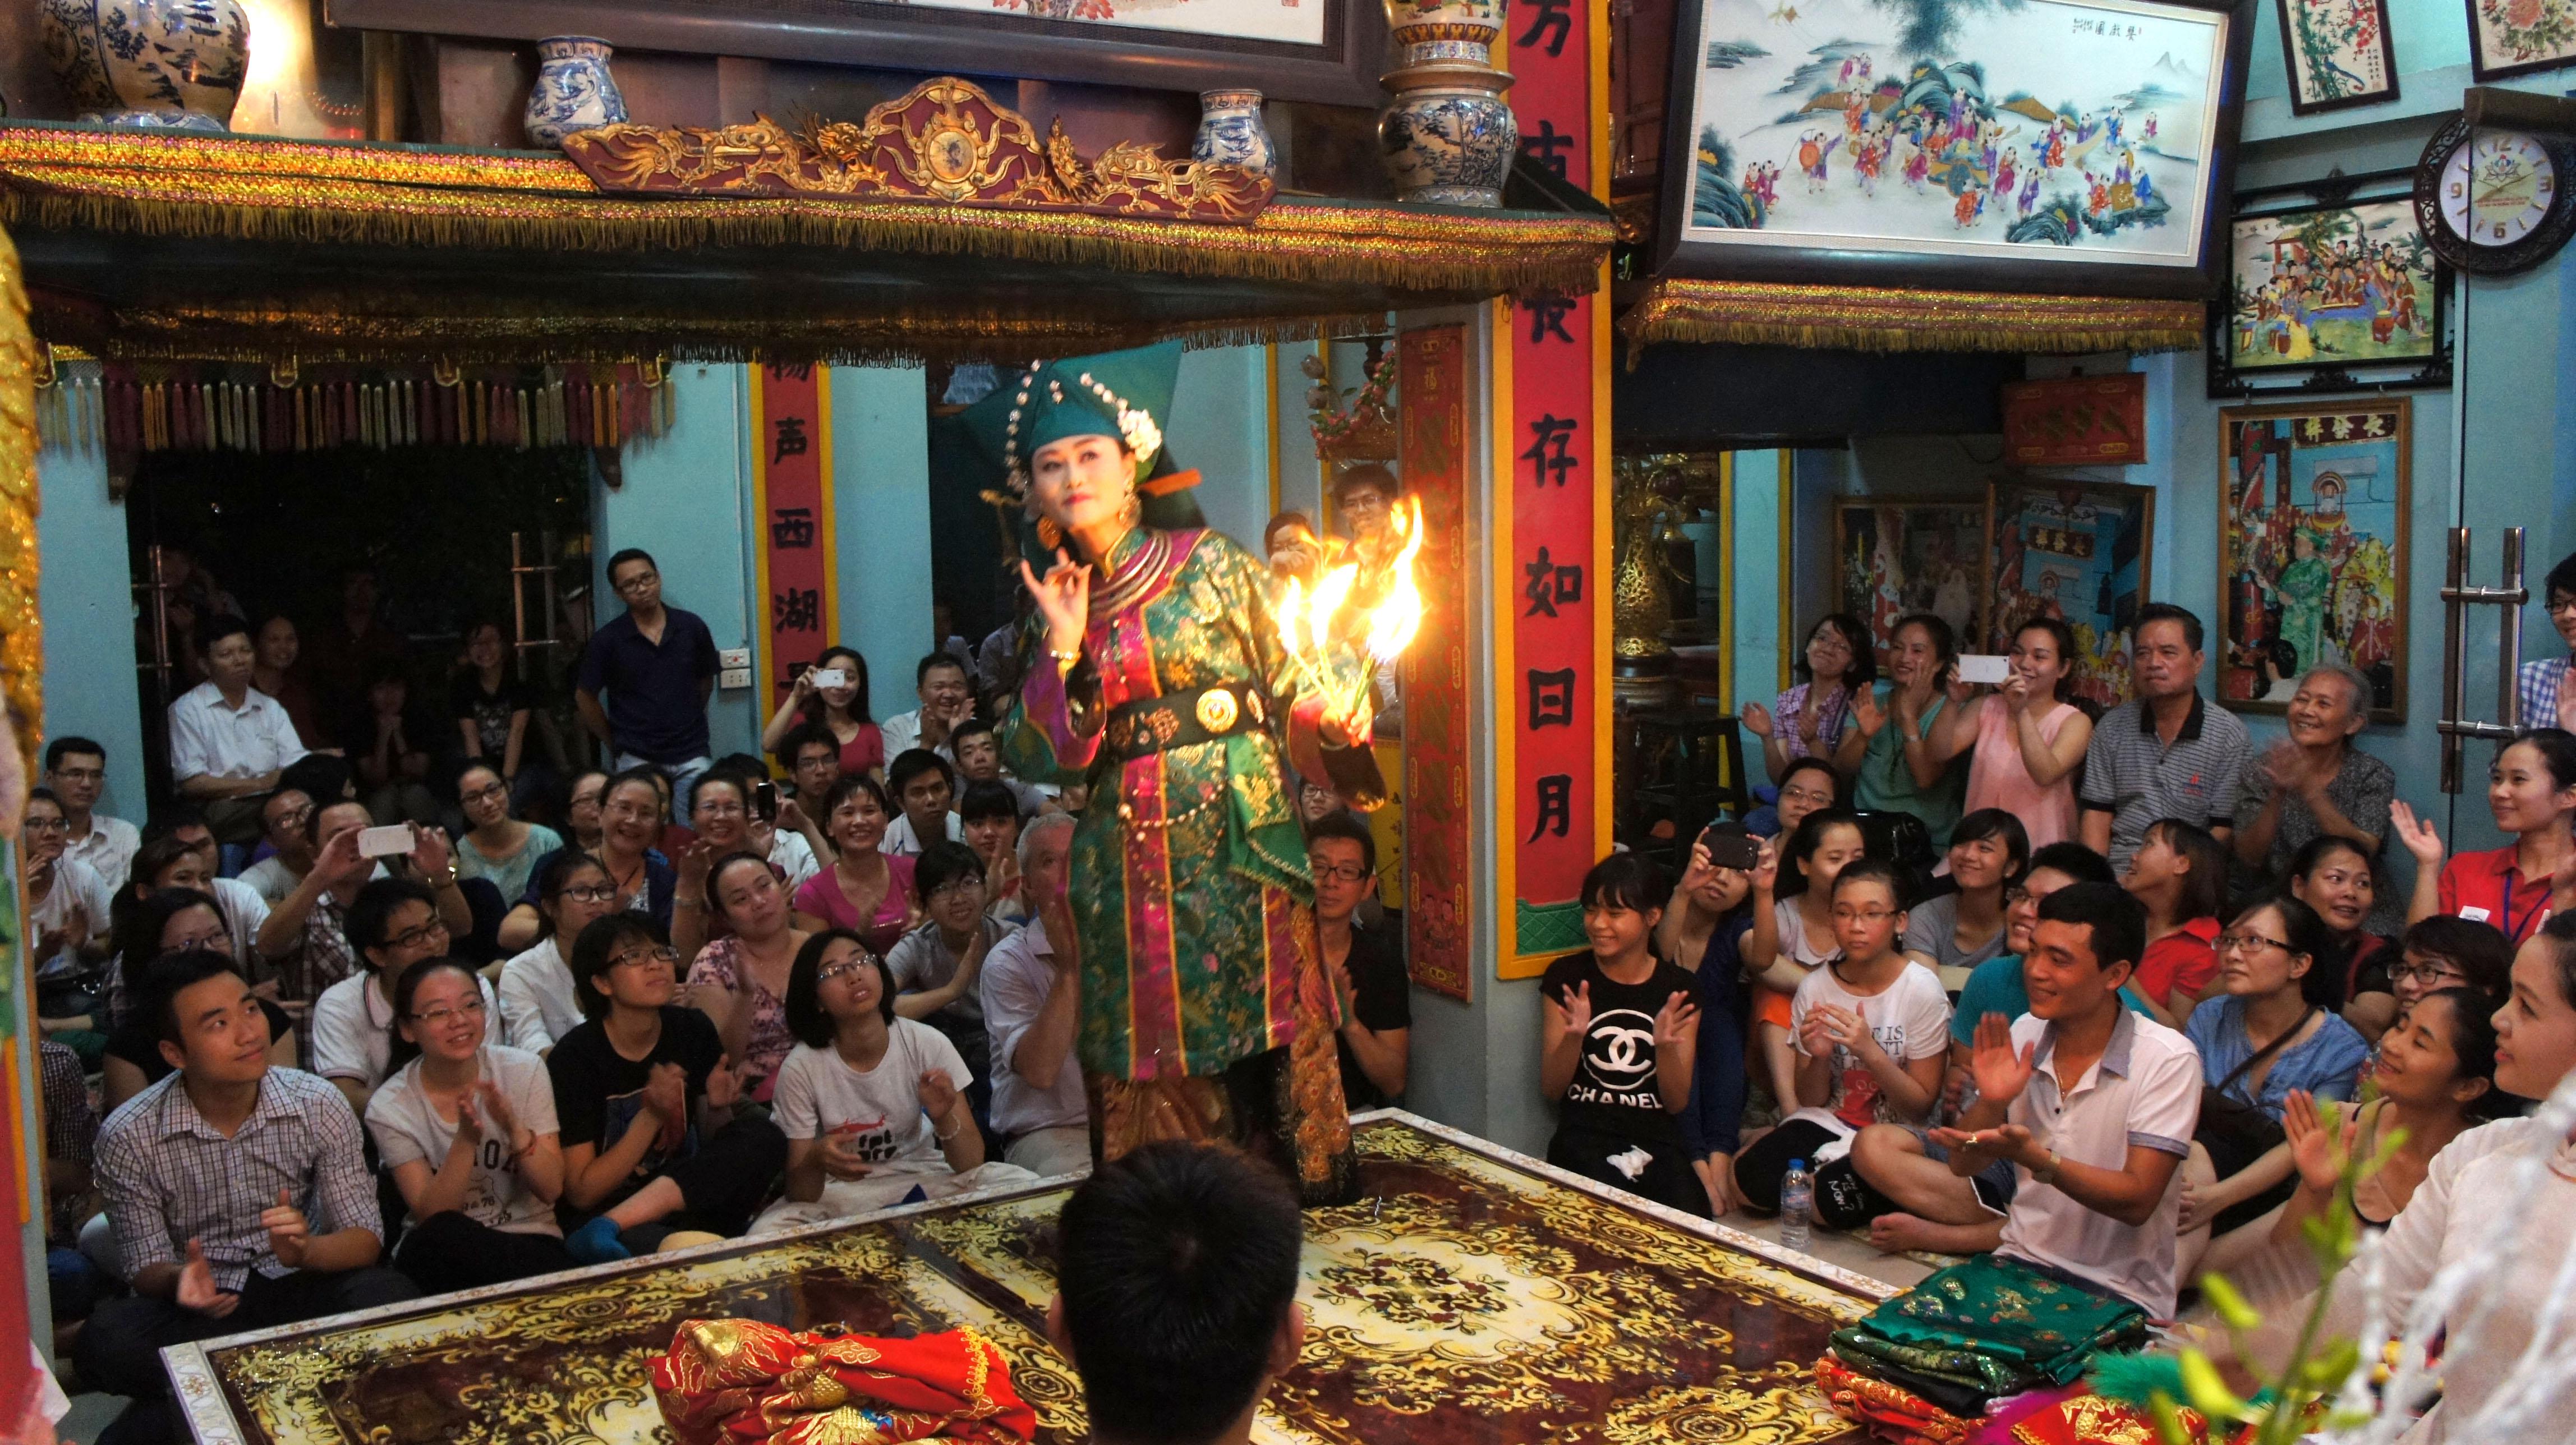 culto a diosas madres: honor a valores perdurables de la nacion vietnamita hinh 1